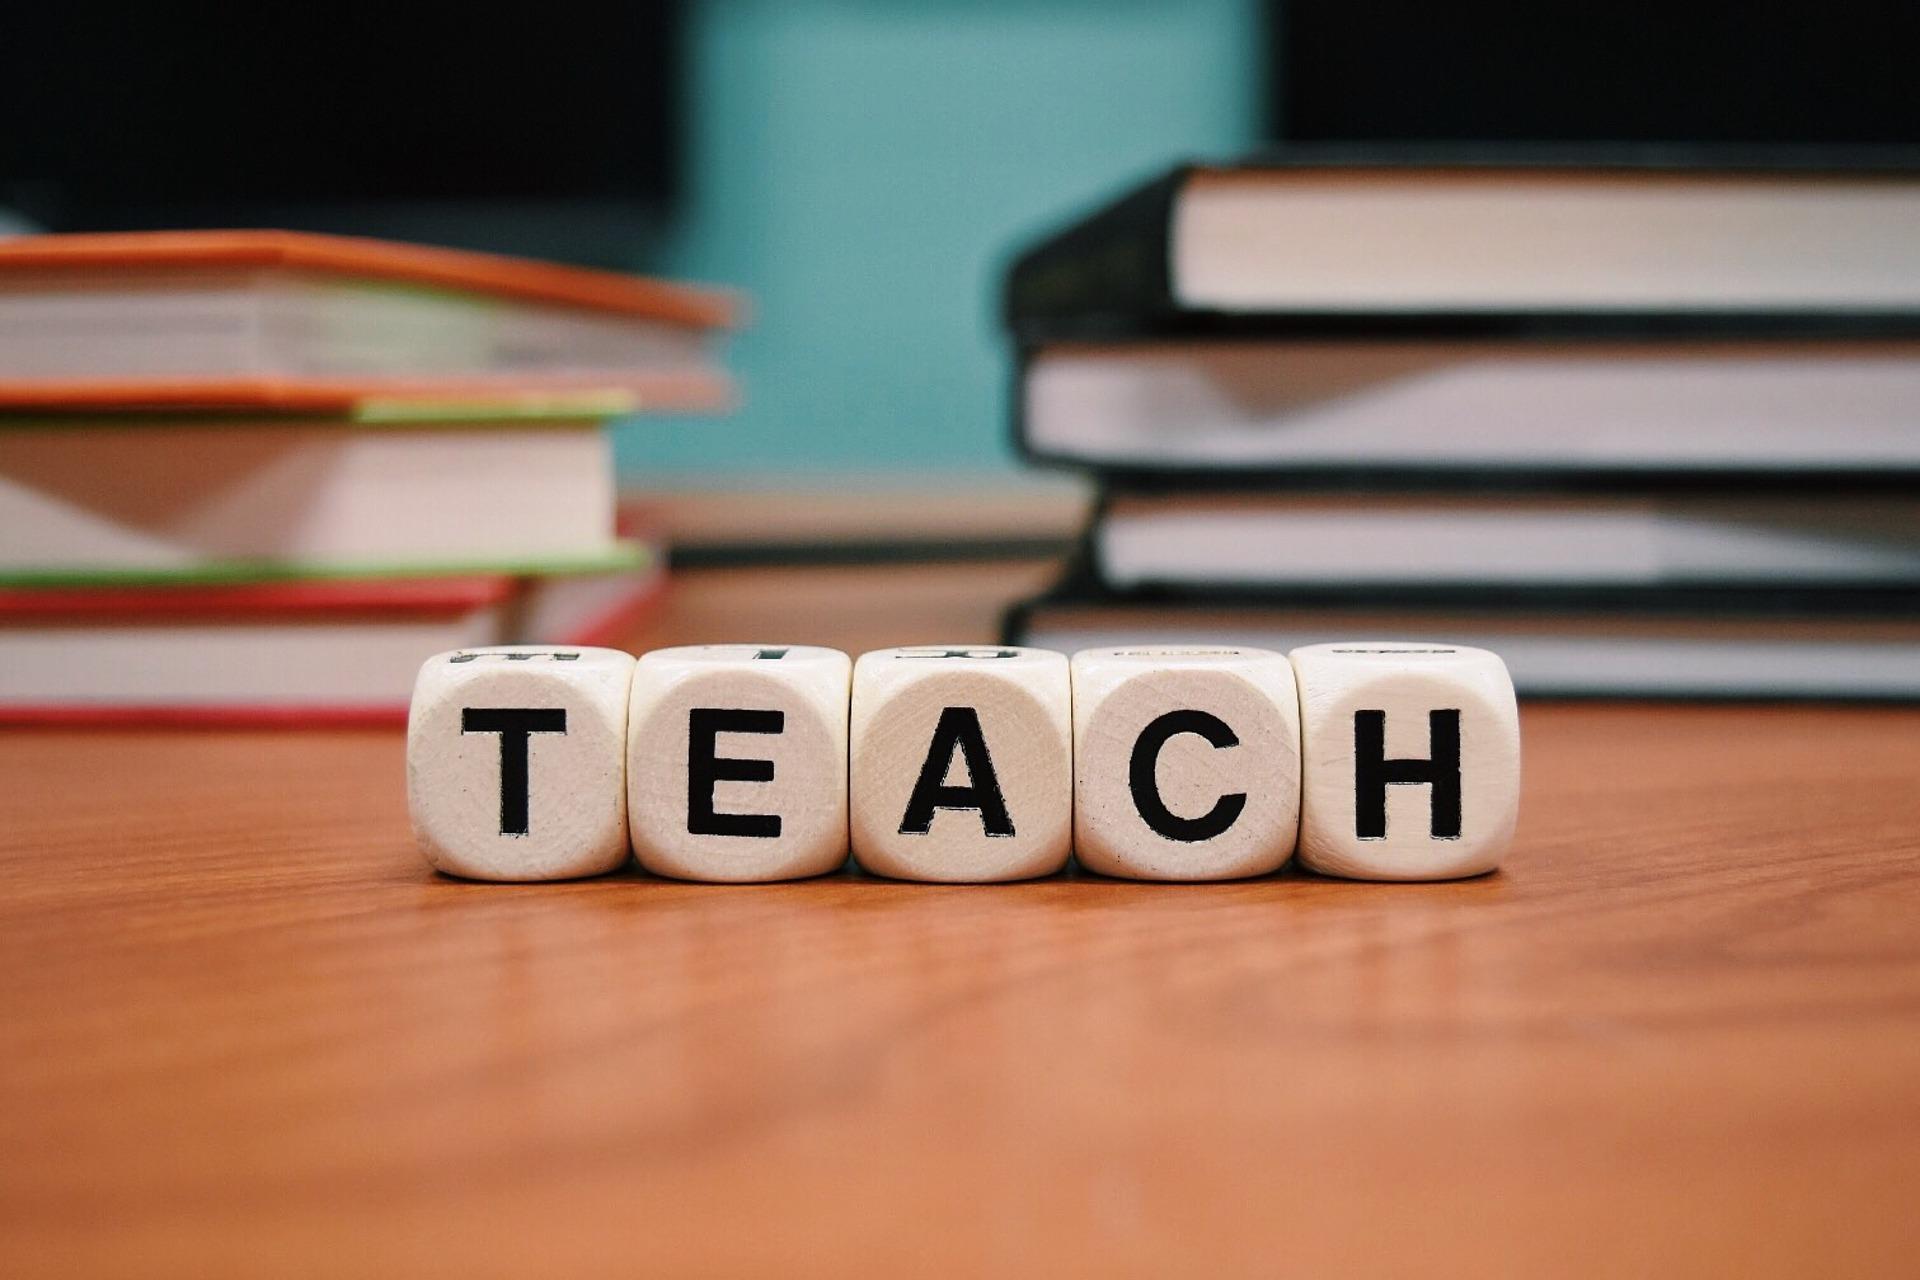 teach-1968076_1920.jpg